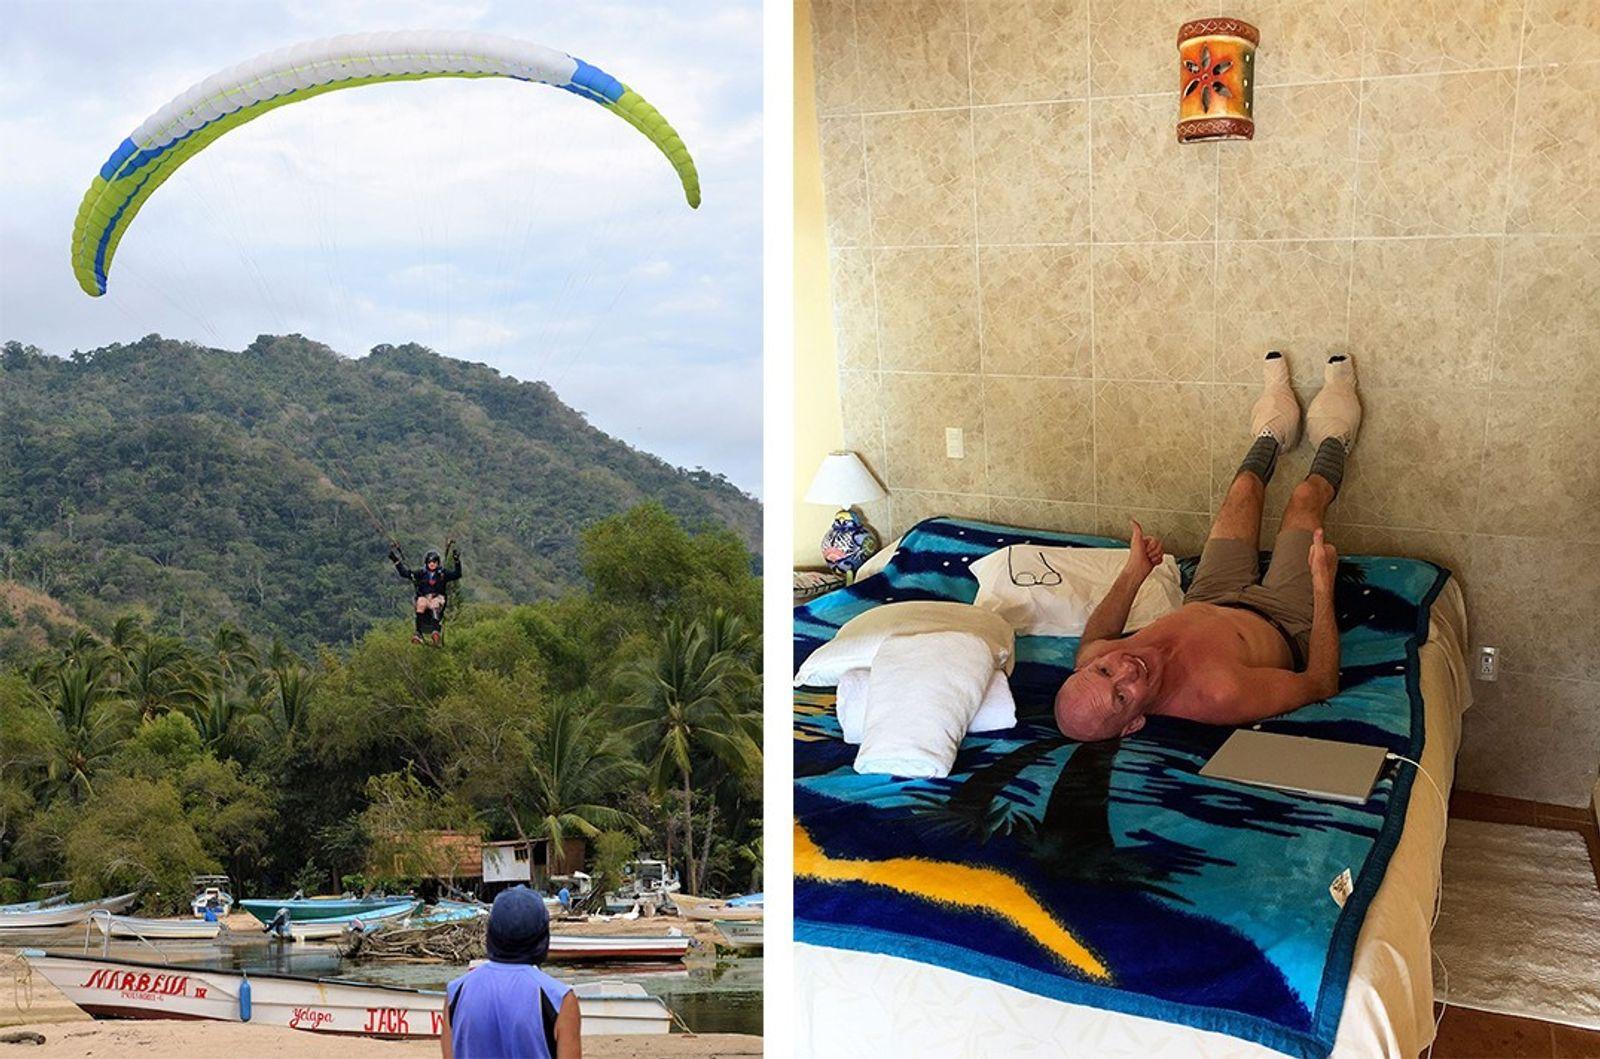 Nove meses e um dia depois do acidente, Brent transportou o seu parapente de 20 quilos ...